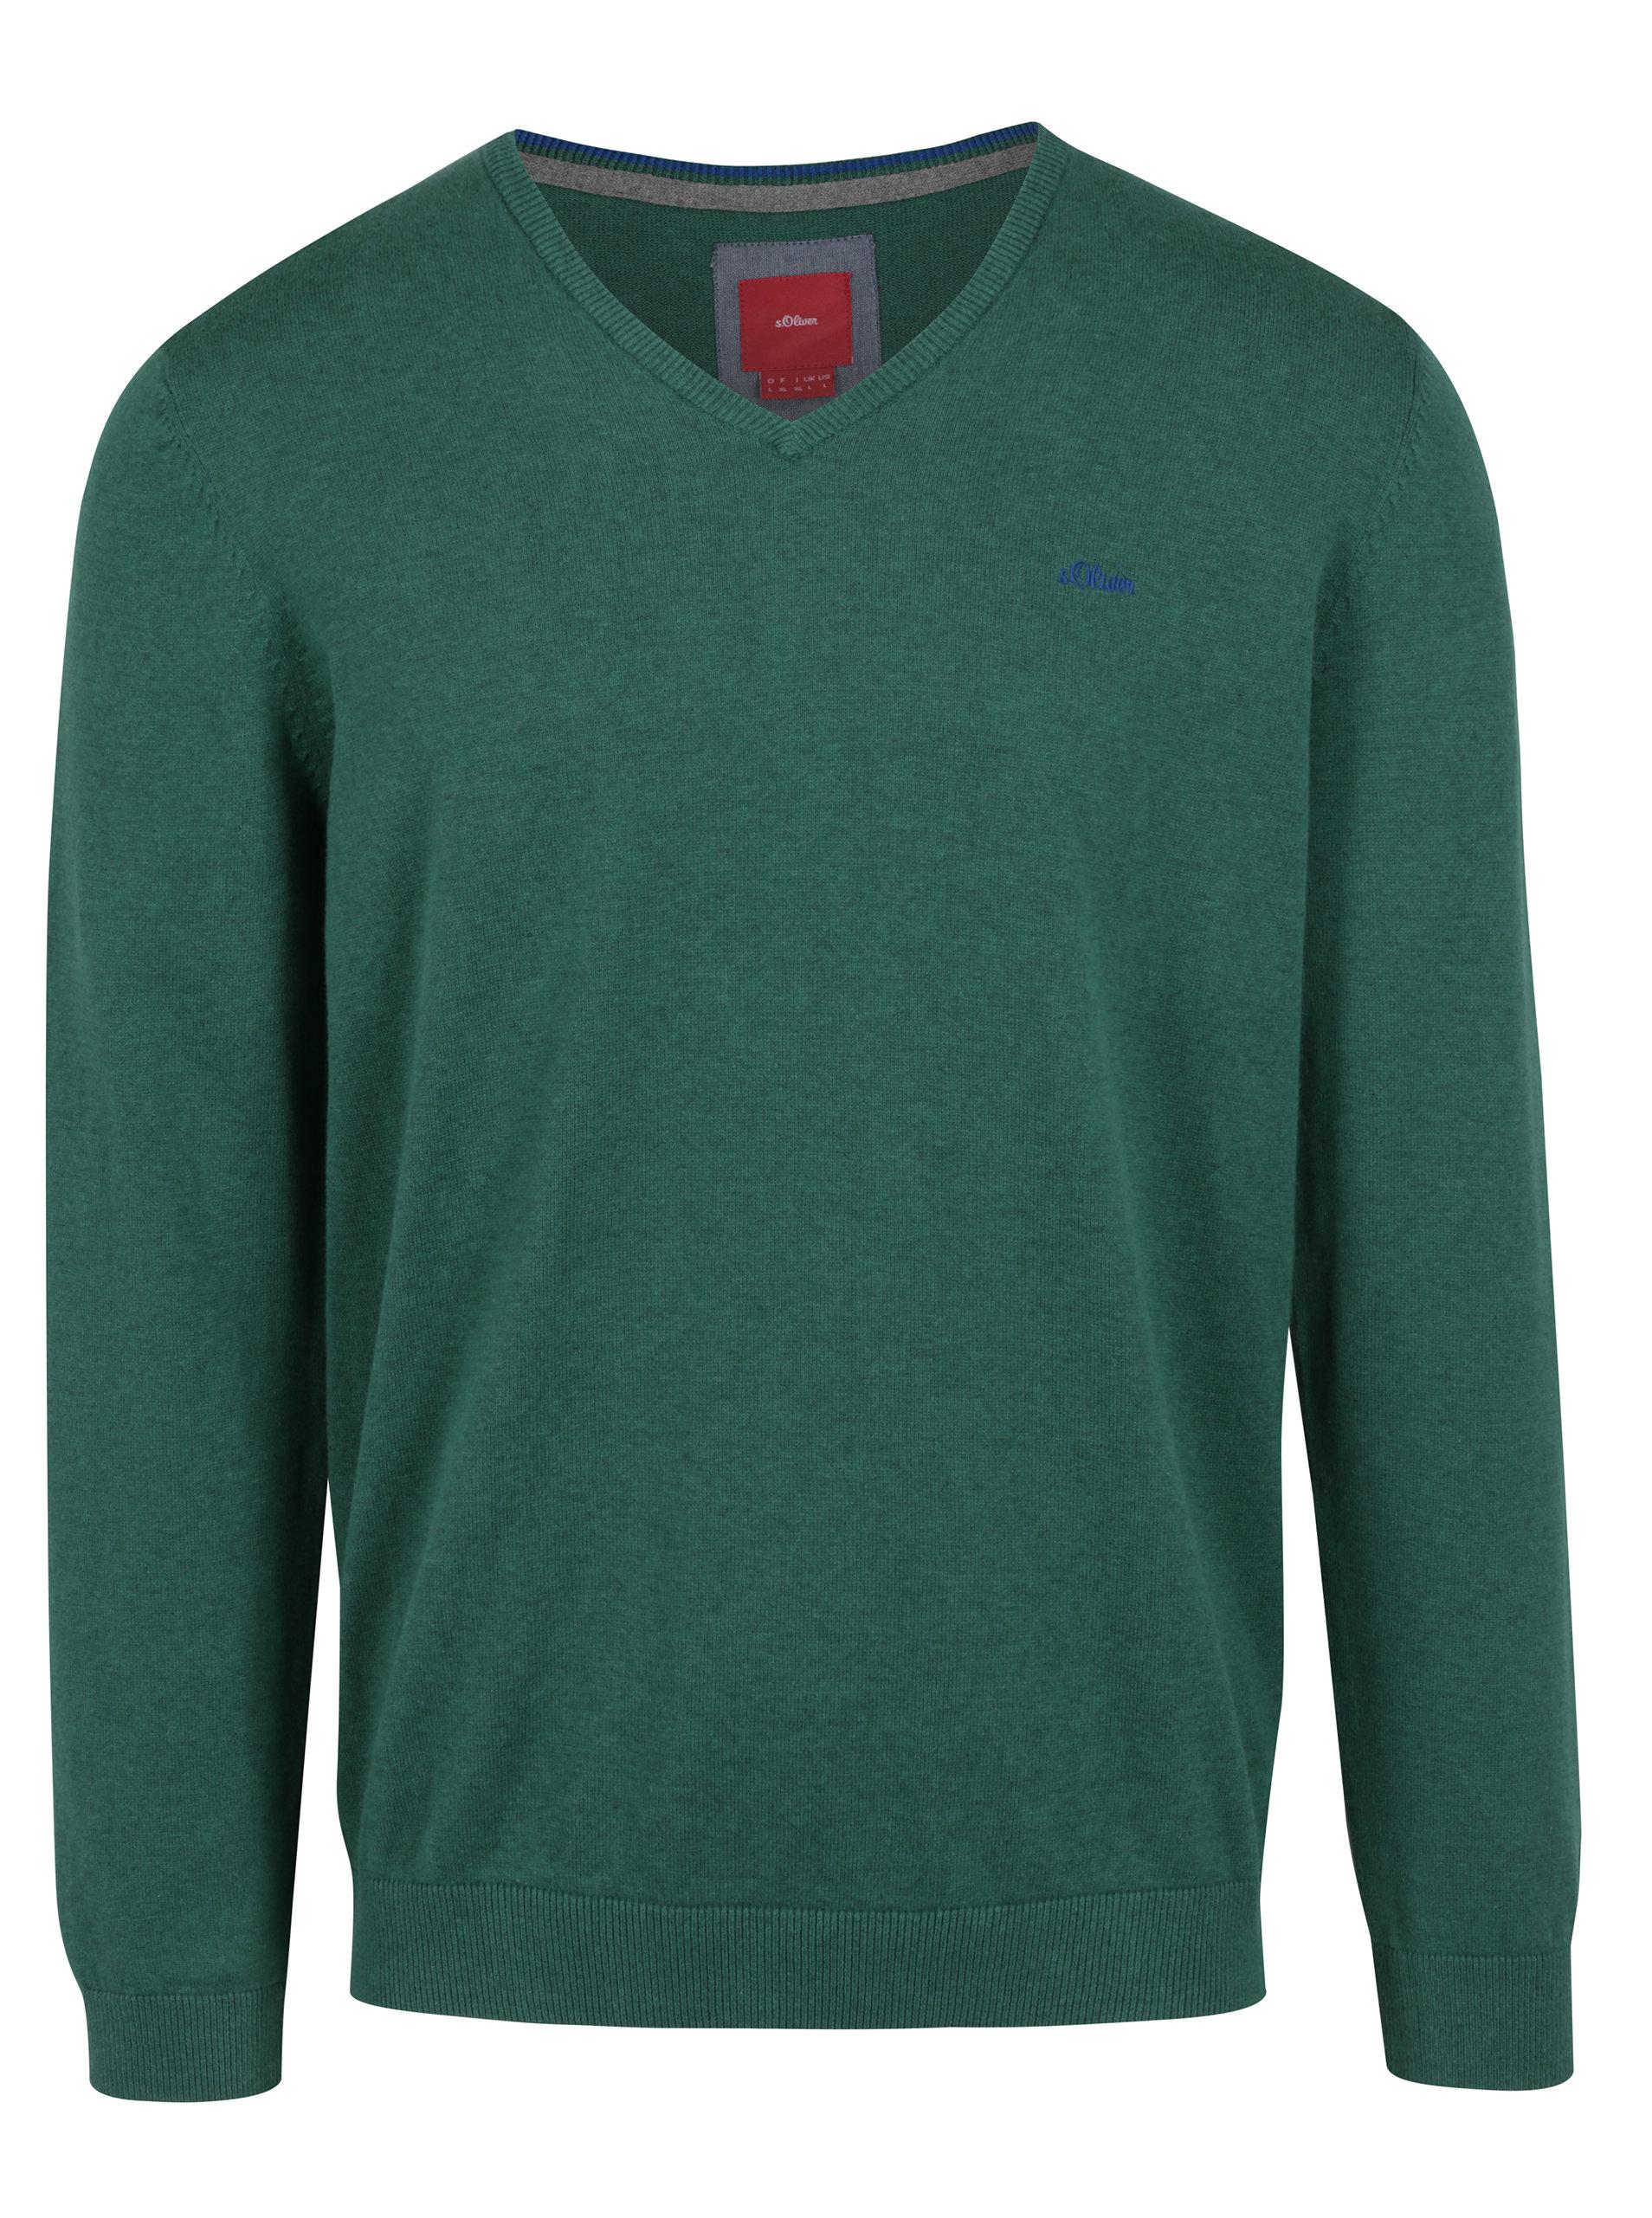 Zelený pánský svetr s véčkovým výstřihem s.Oliver  d4b0a40c4f